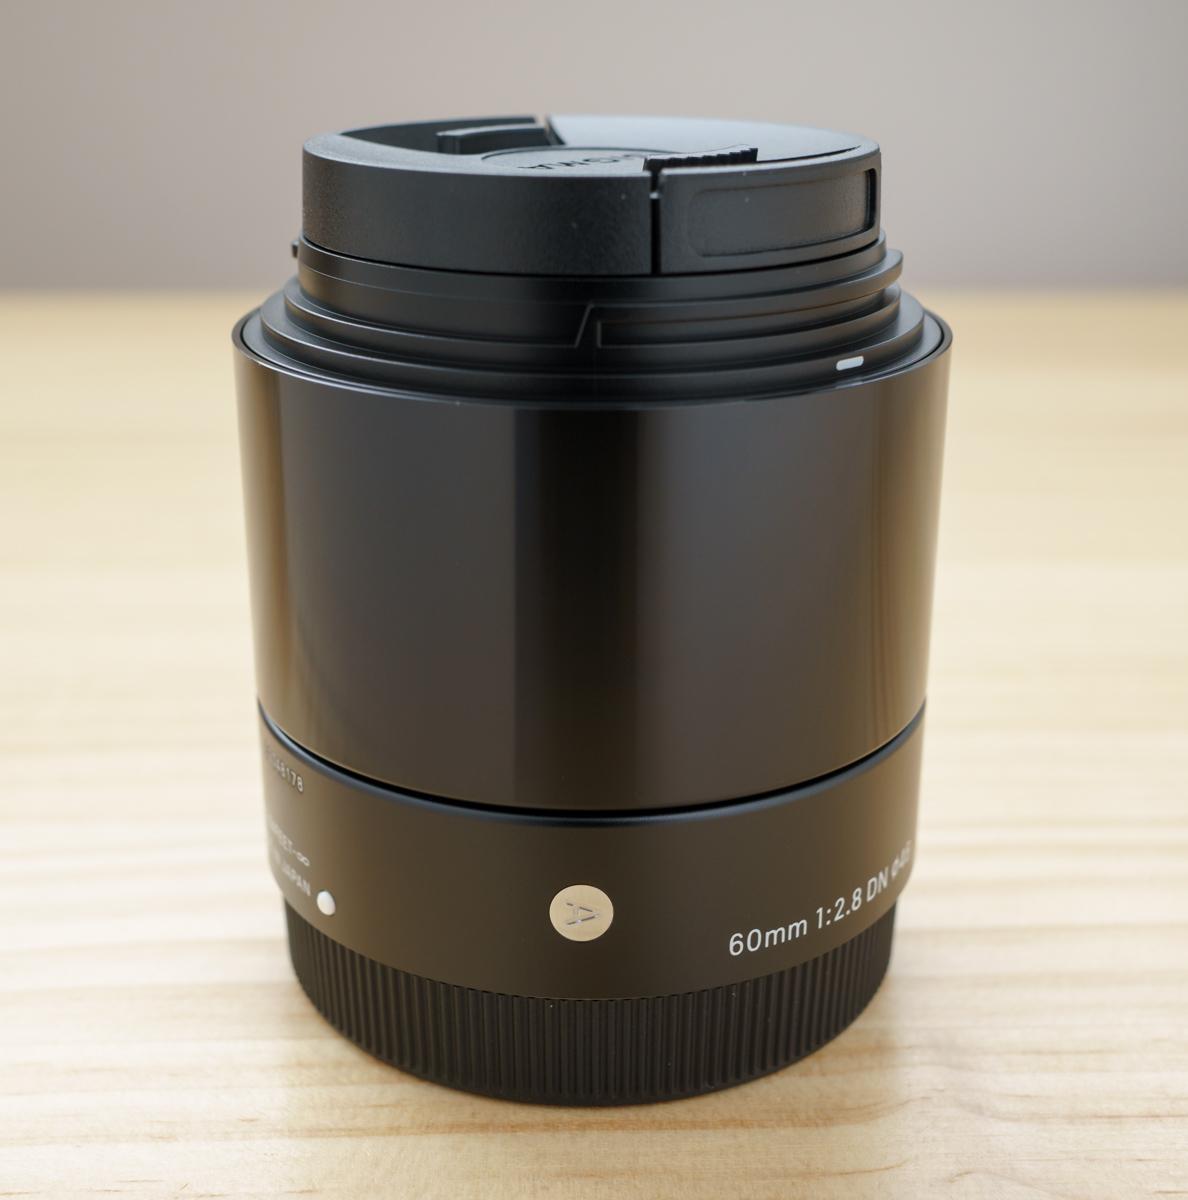 安いのにツァイス並みに良く写るSIGMA Art 60mm F2.8 DN SONY 開封編